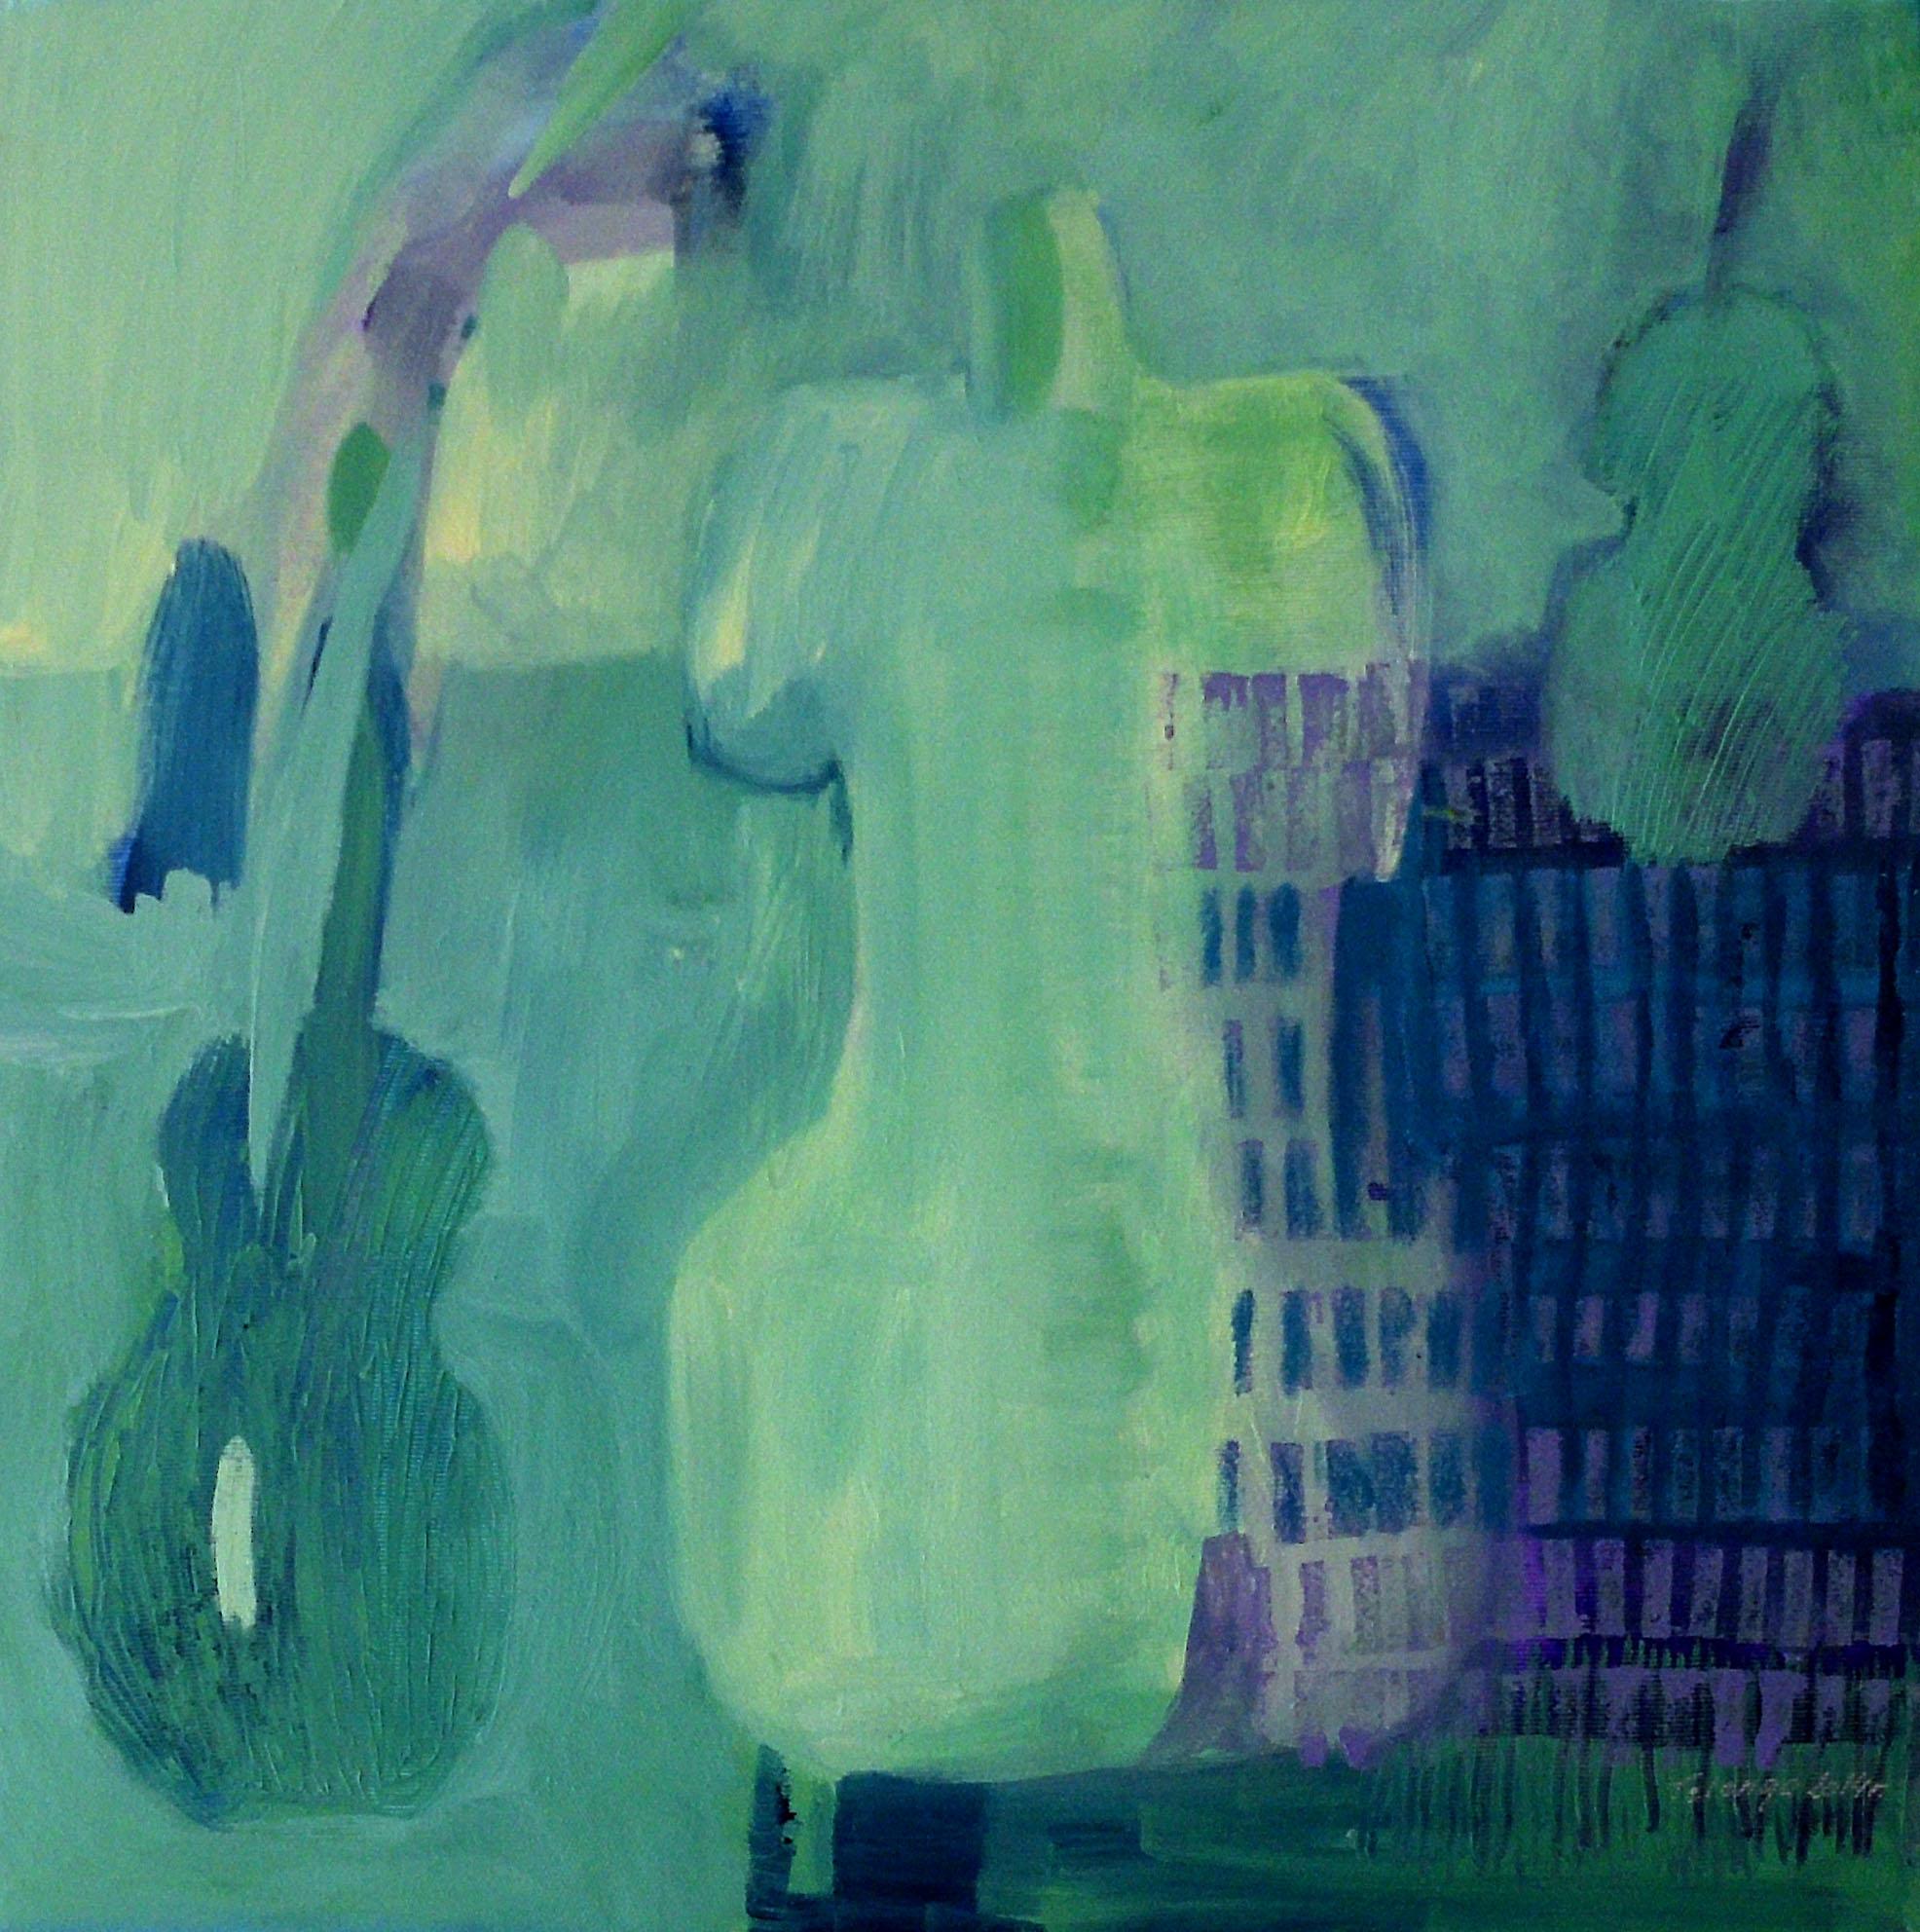 03-angelika_telenga-la_musica_i-2014-acryl_auf_leinwand-50x50